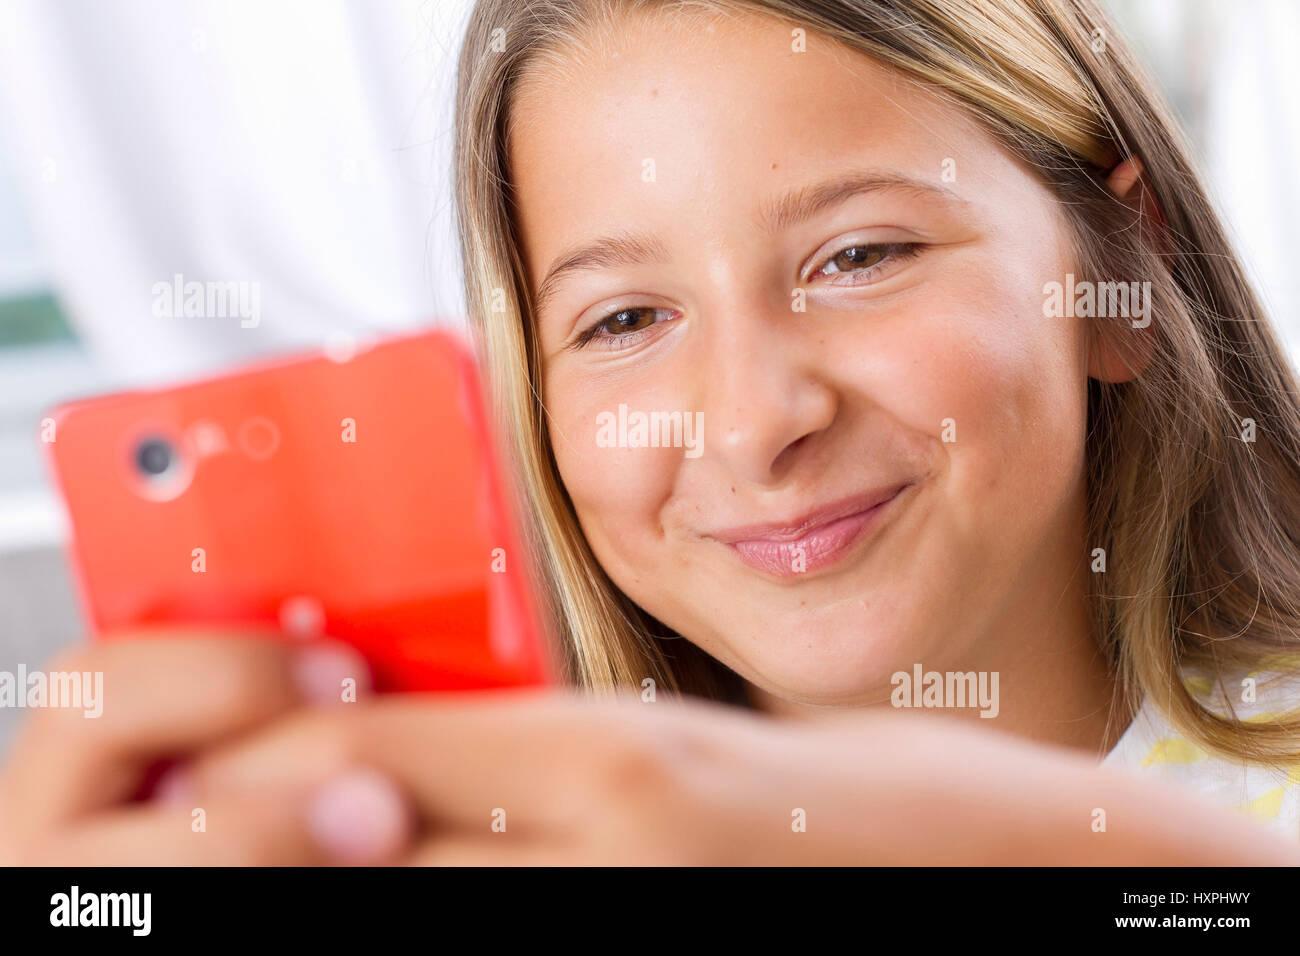 Fille joue sur l'Internet, Mädchen spielt im Internet Banque D'Images